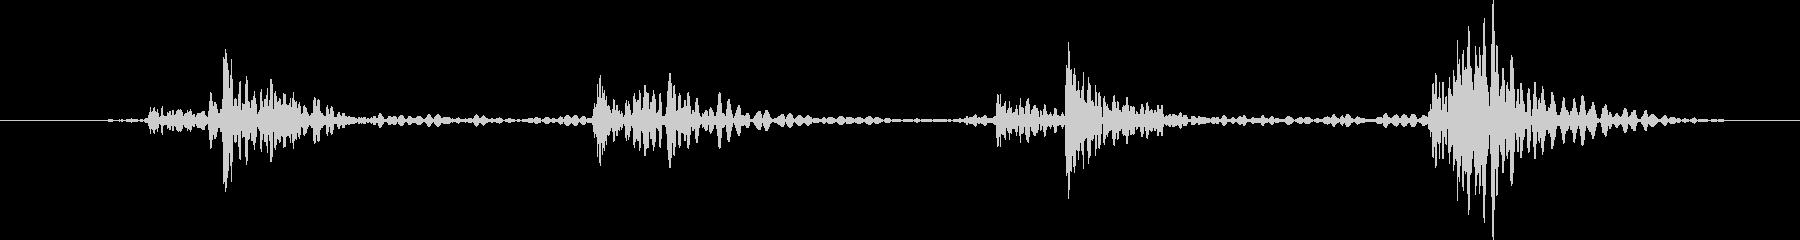 ホンダシビック:マニュアルトランス...の未再生の波形